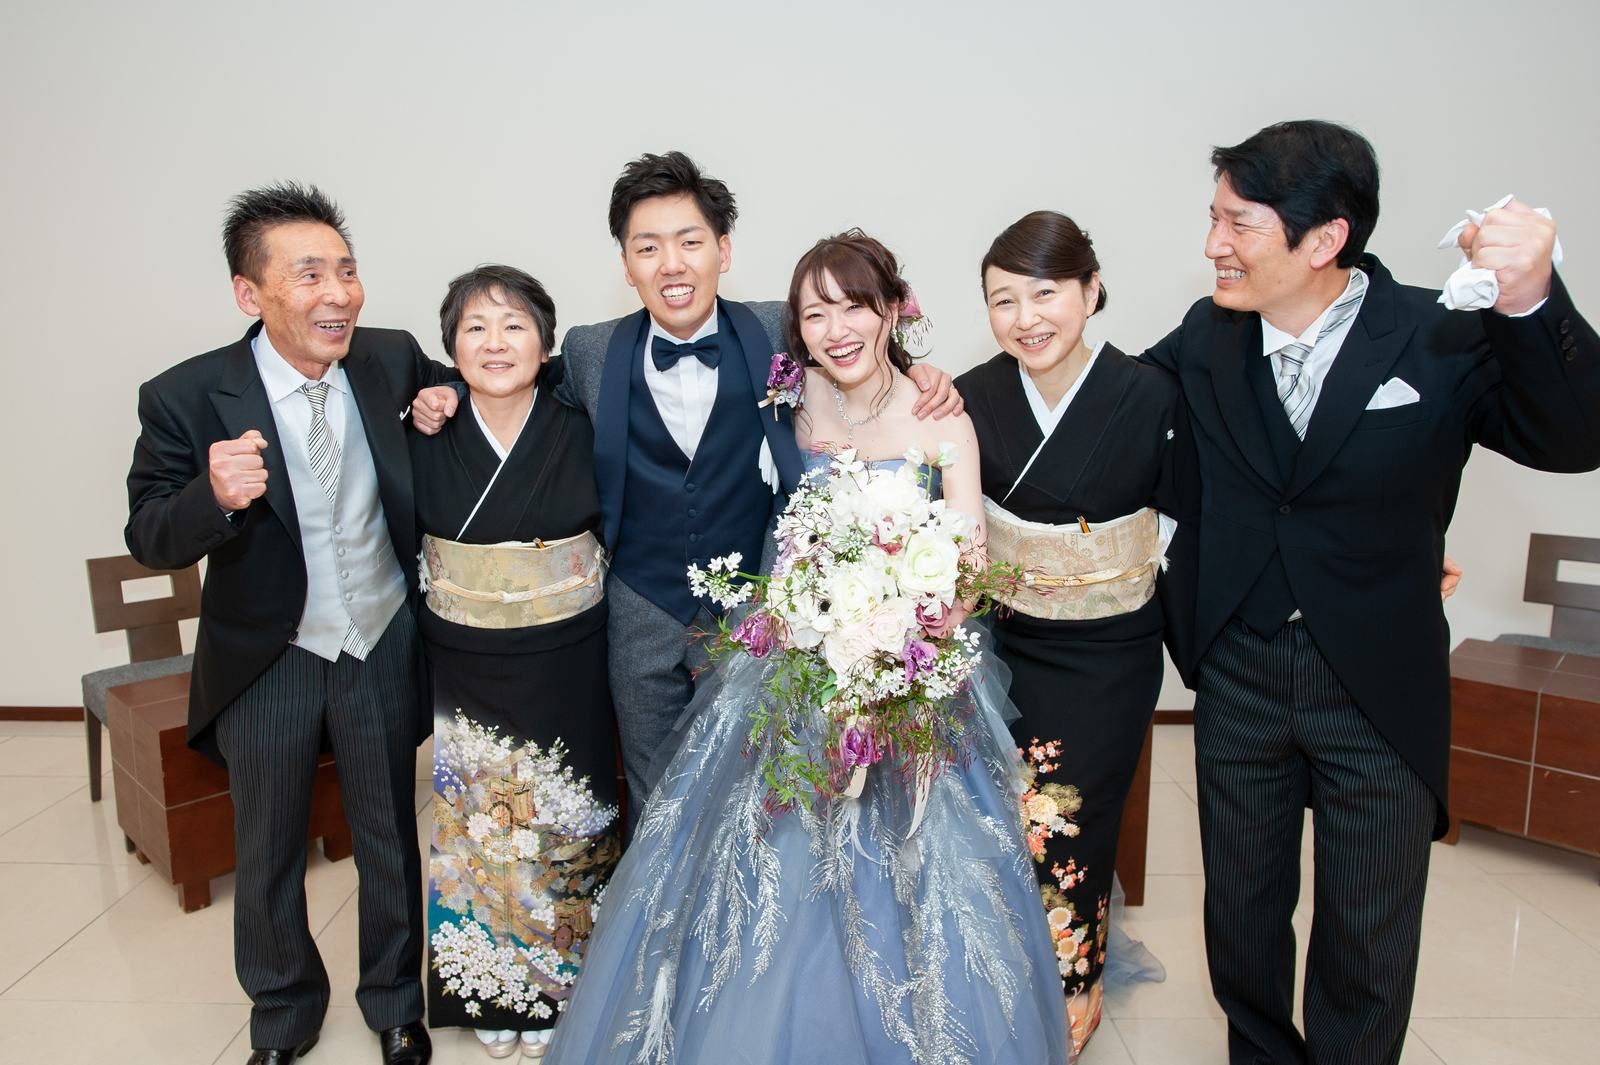 徳島県の結婚式場ブランアンジュで無事お開きを迎え達成感あふれる記念写真